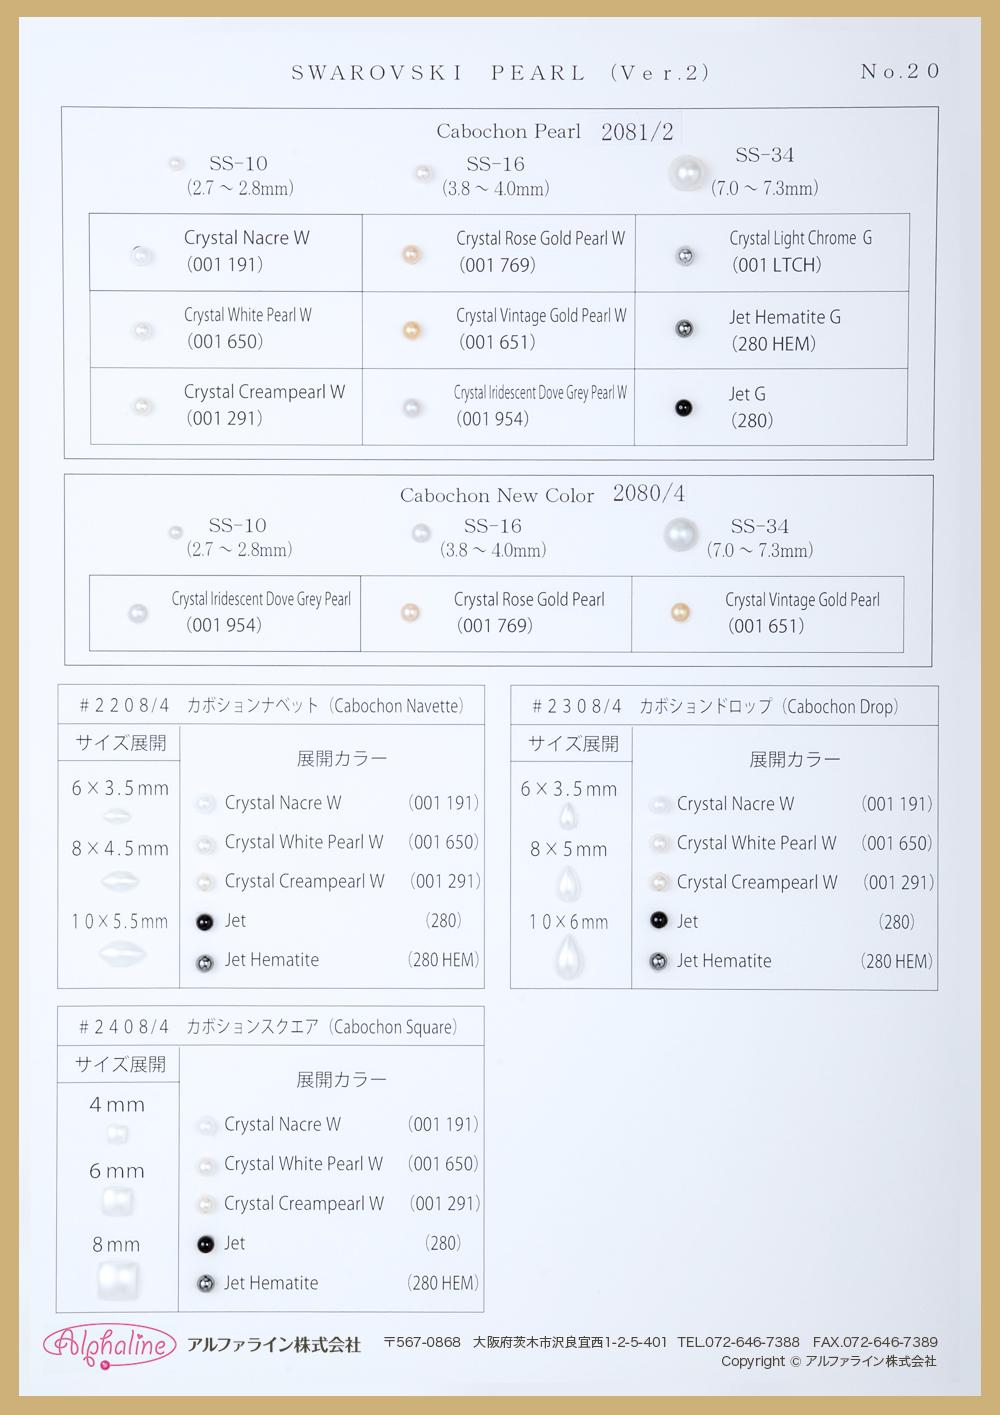 No.20/パール(Ver.2)